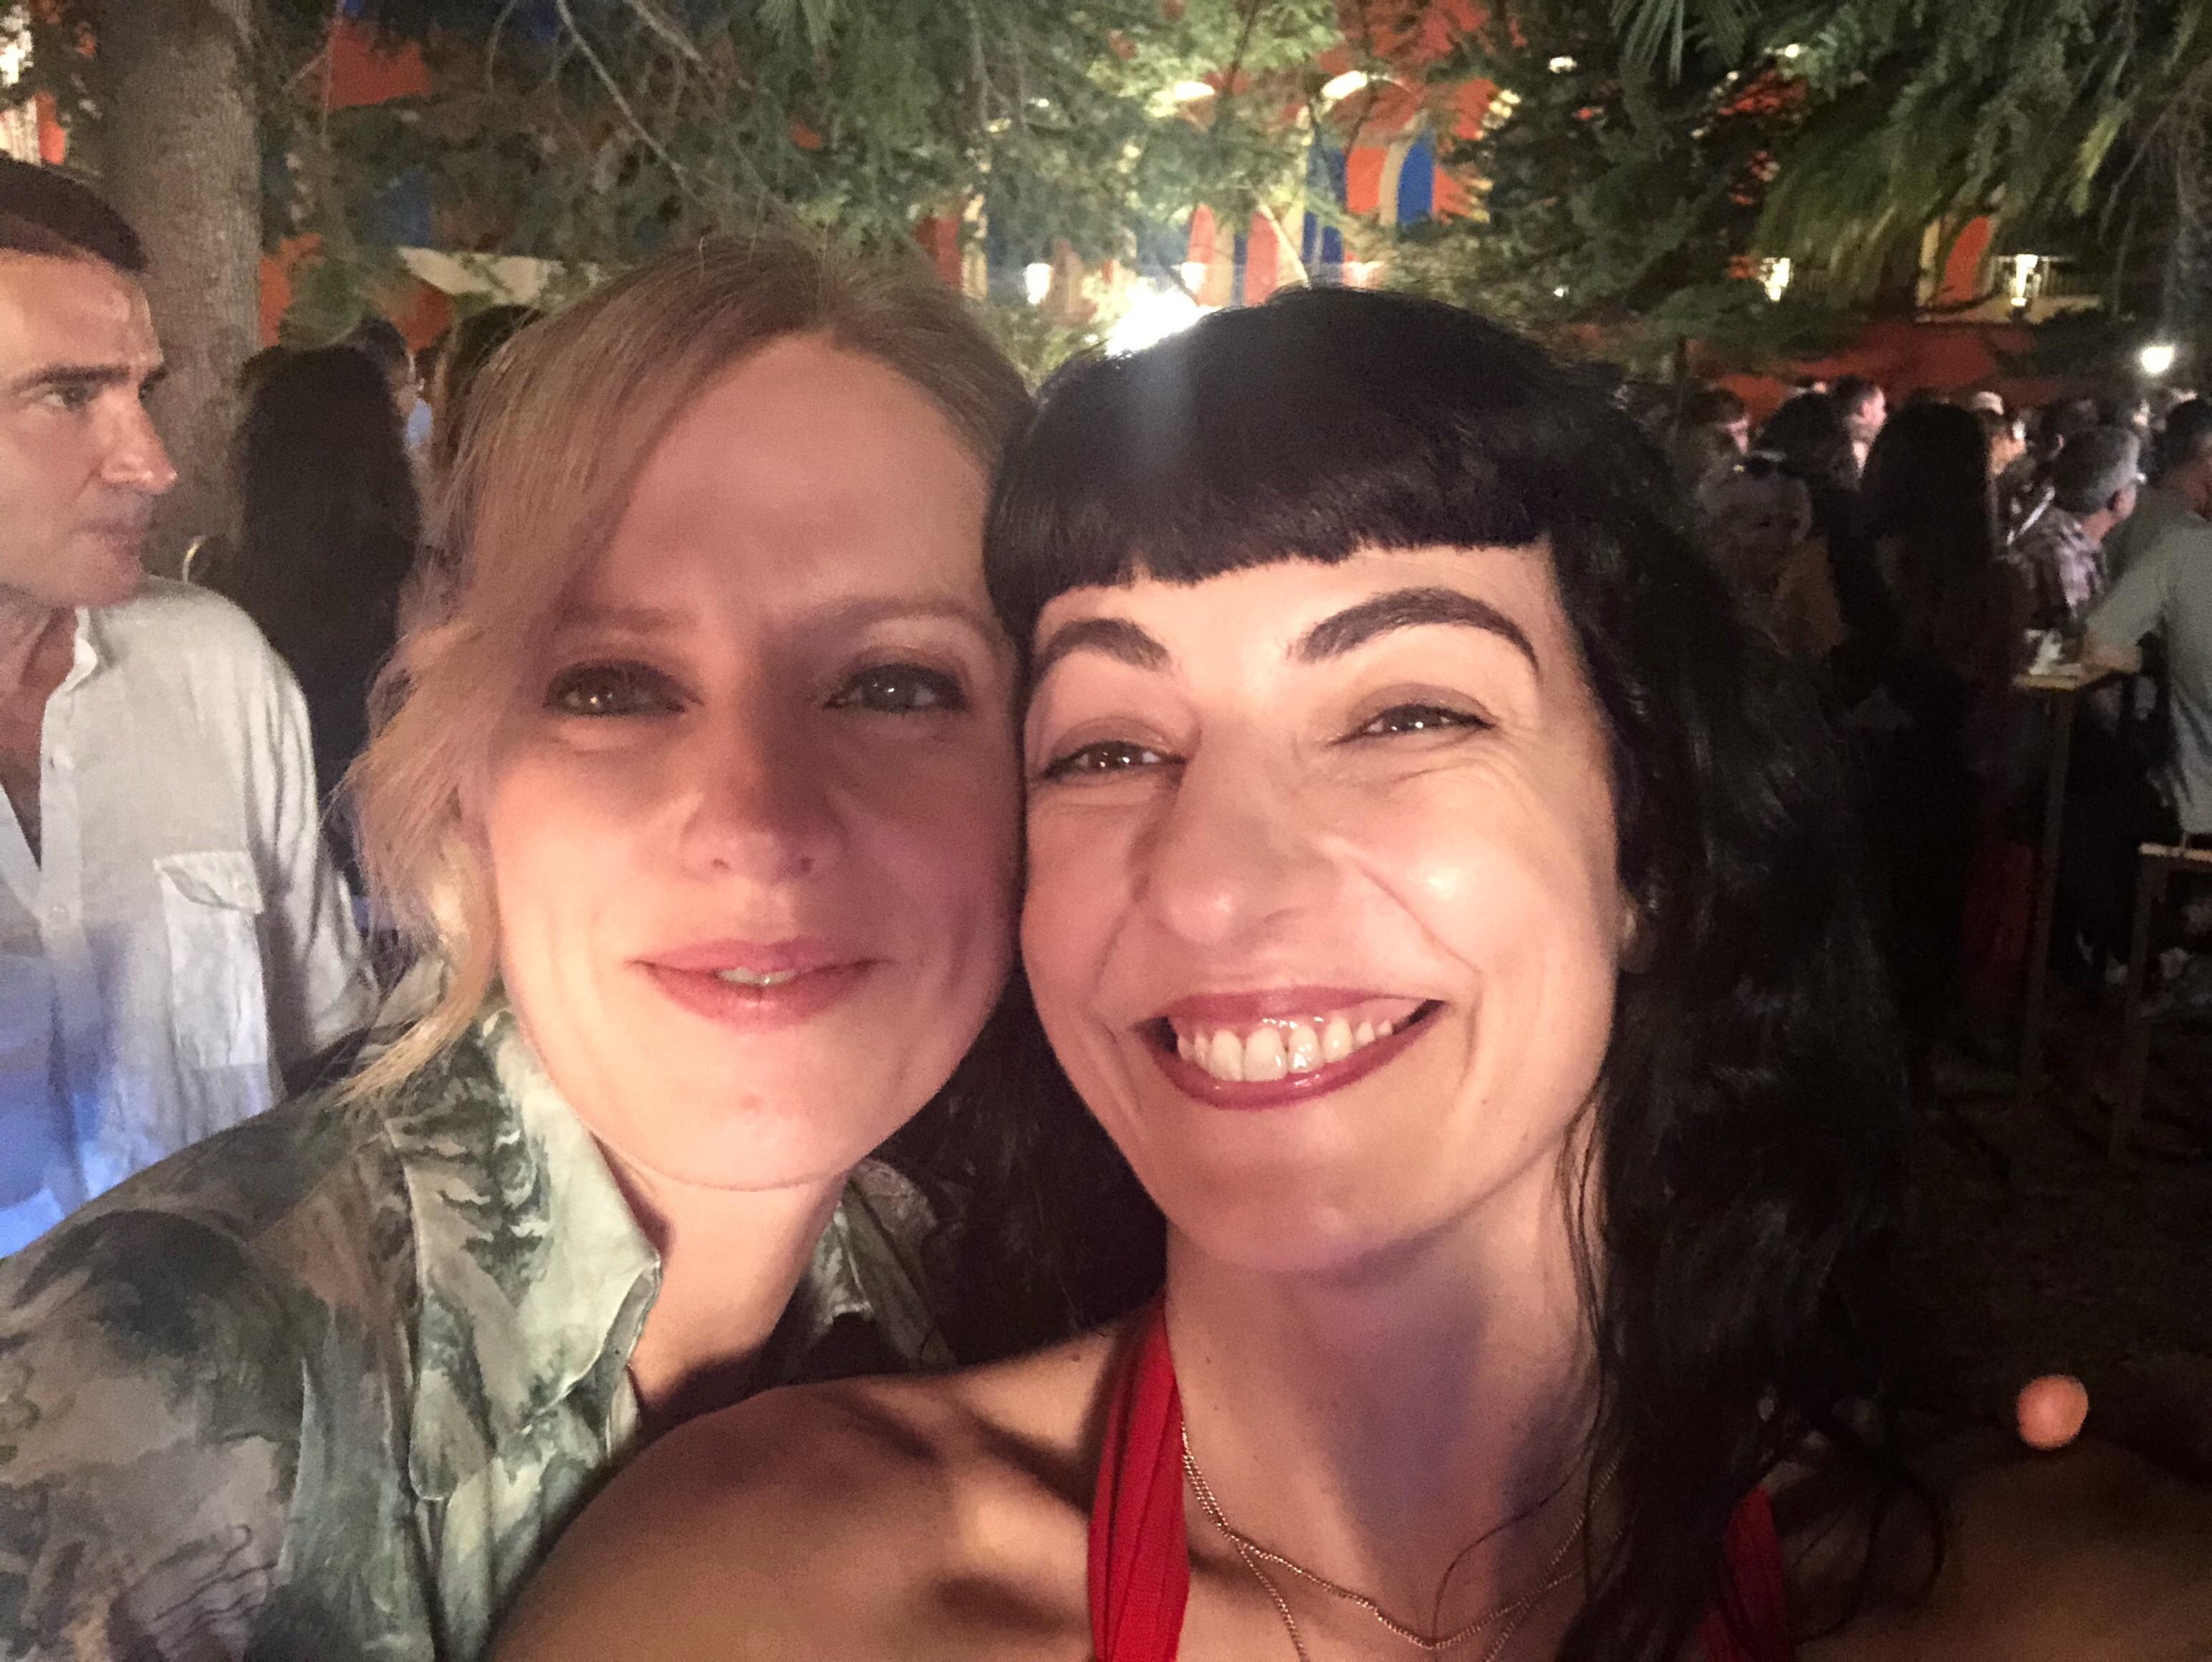 Maria Molins i Roser Amills, festa d'estiu de l'Acadèmia del Cinema Català